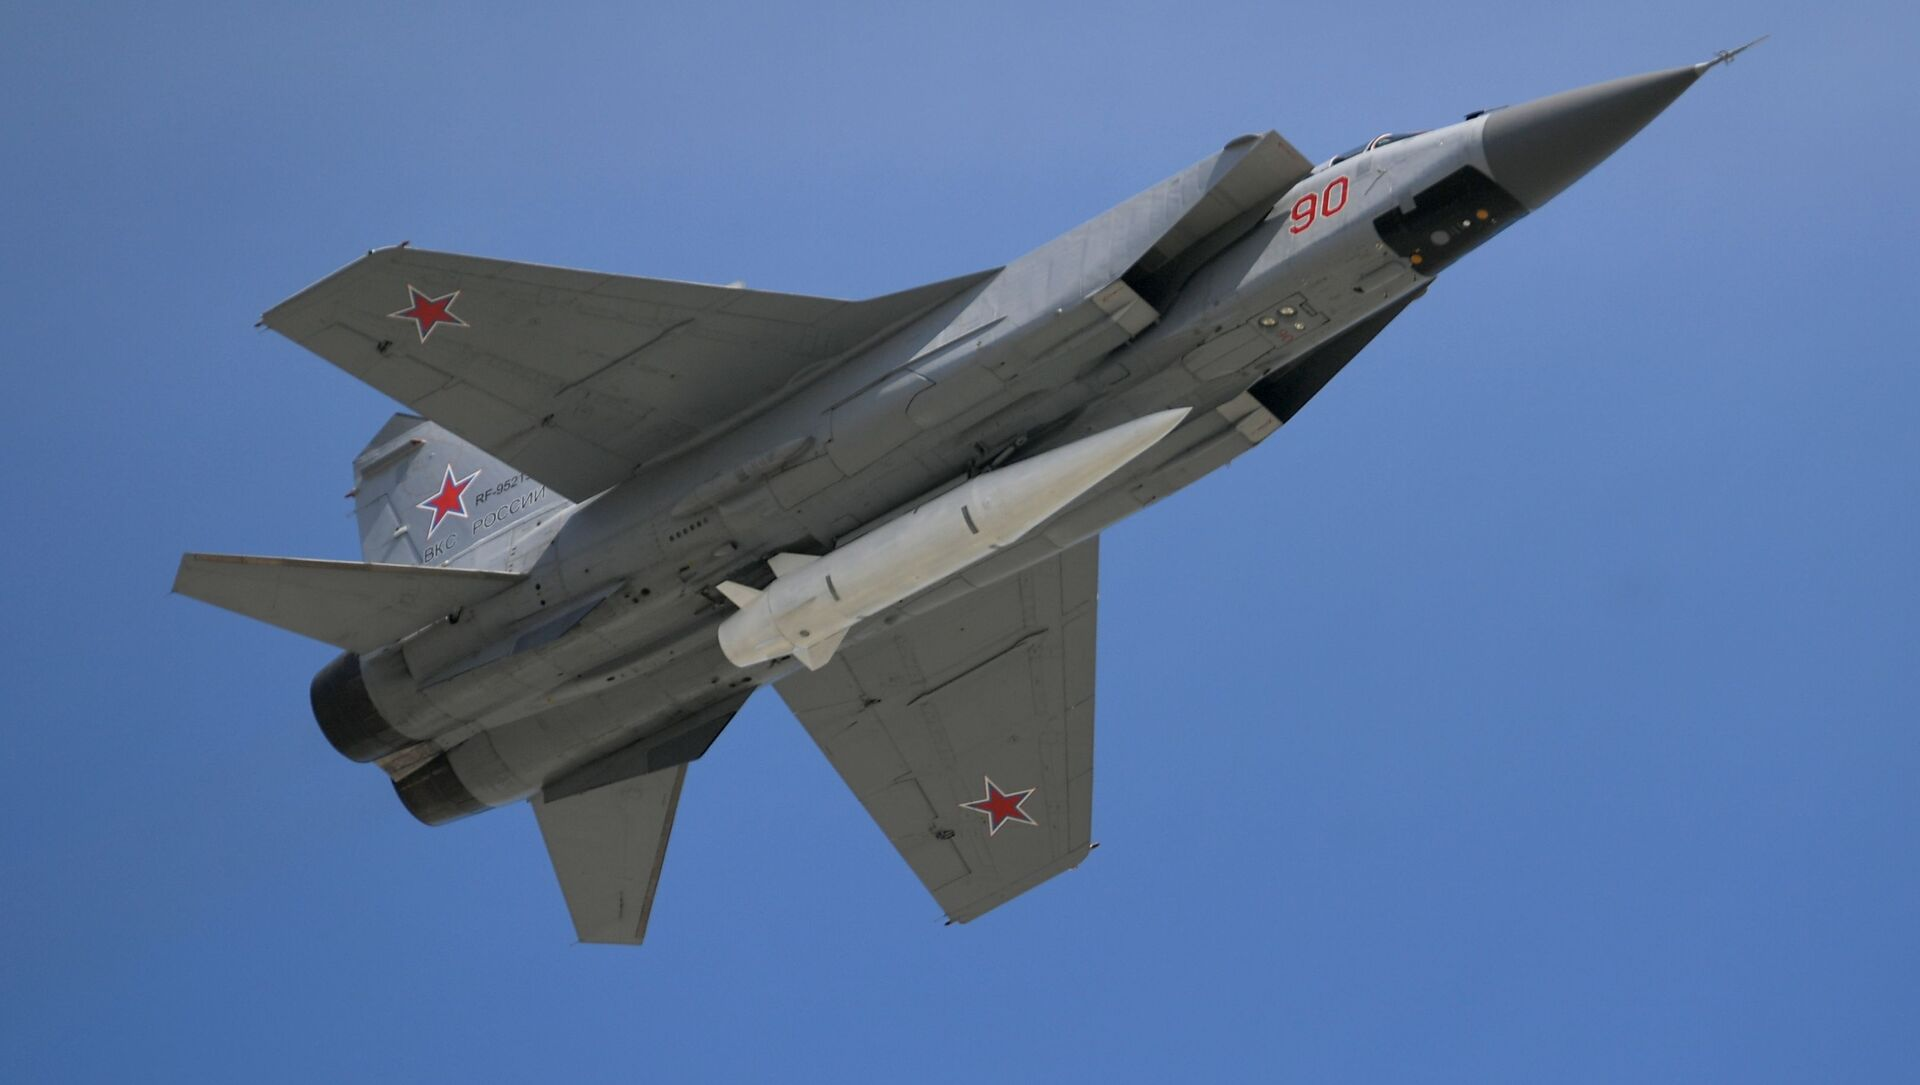 Un avión ruso MiG-31 con el misil hipersónico Kinzhal - Sputnik Mundo, 1920, 02.02.2021